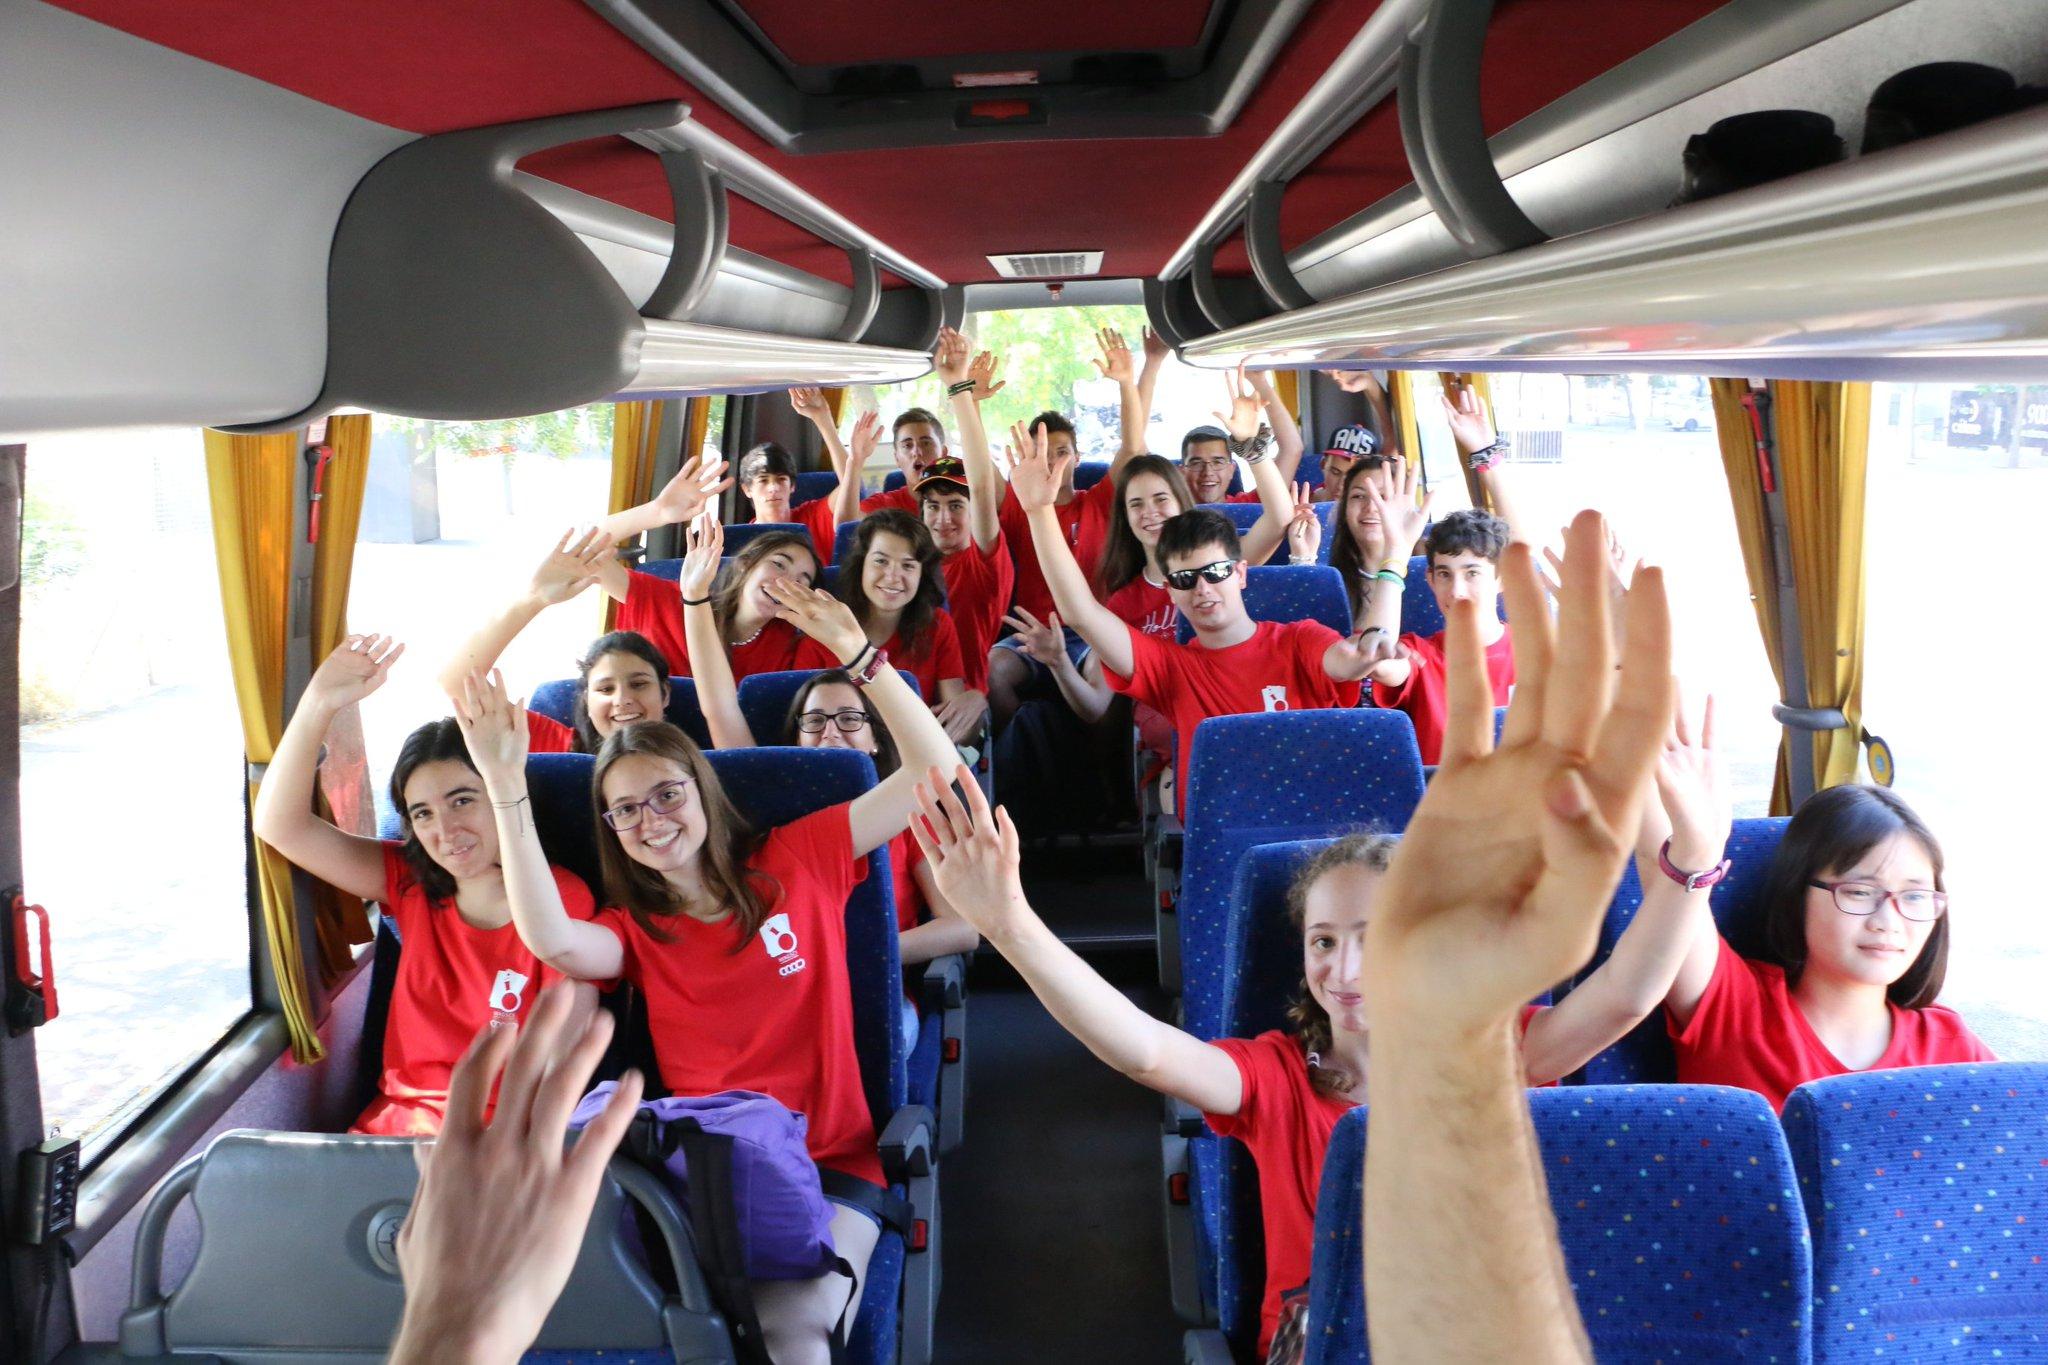 Al 4rt dia del #cemc16, excursió en bus al Museu Blau i al Museu del Rei de la Màgia, a Barcelona. https://t.co/f0VabHaMKT